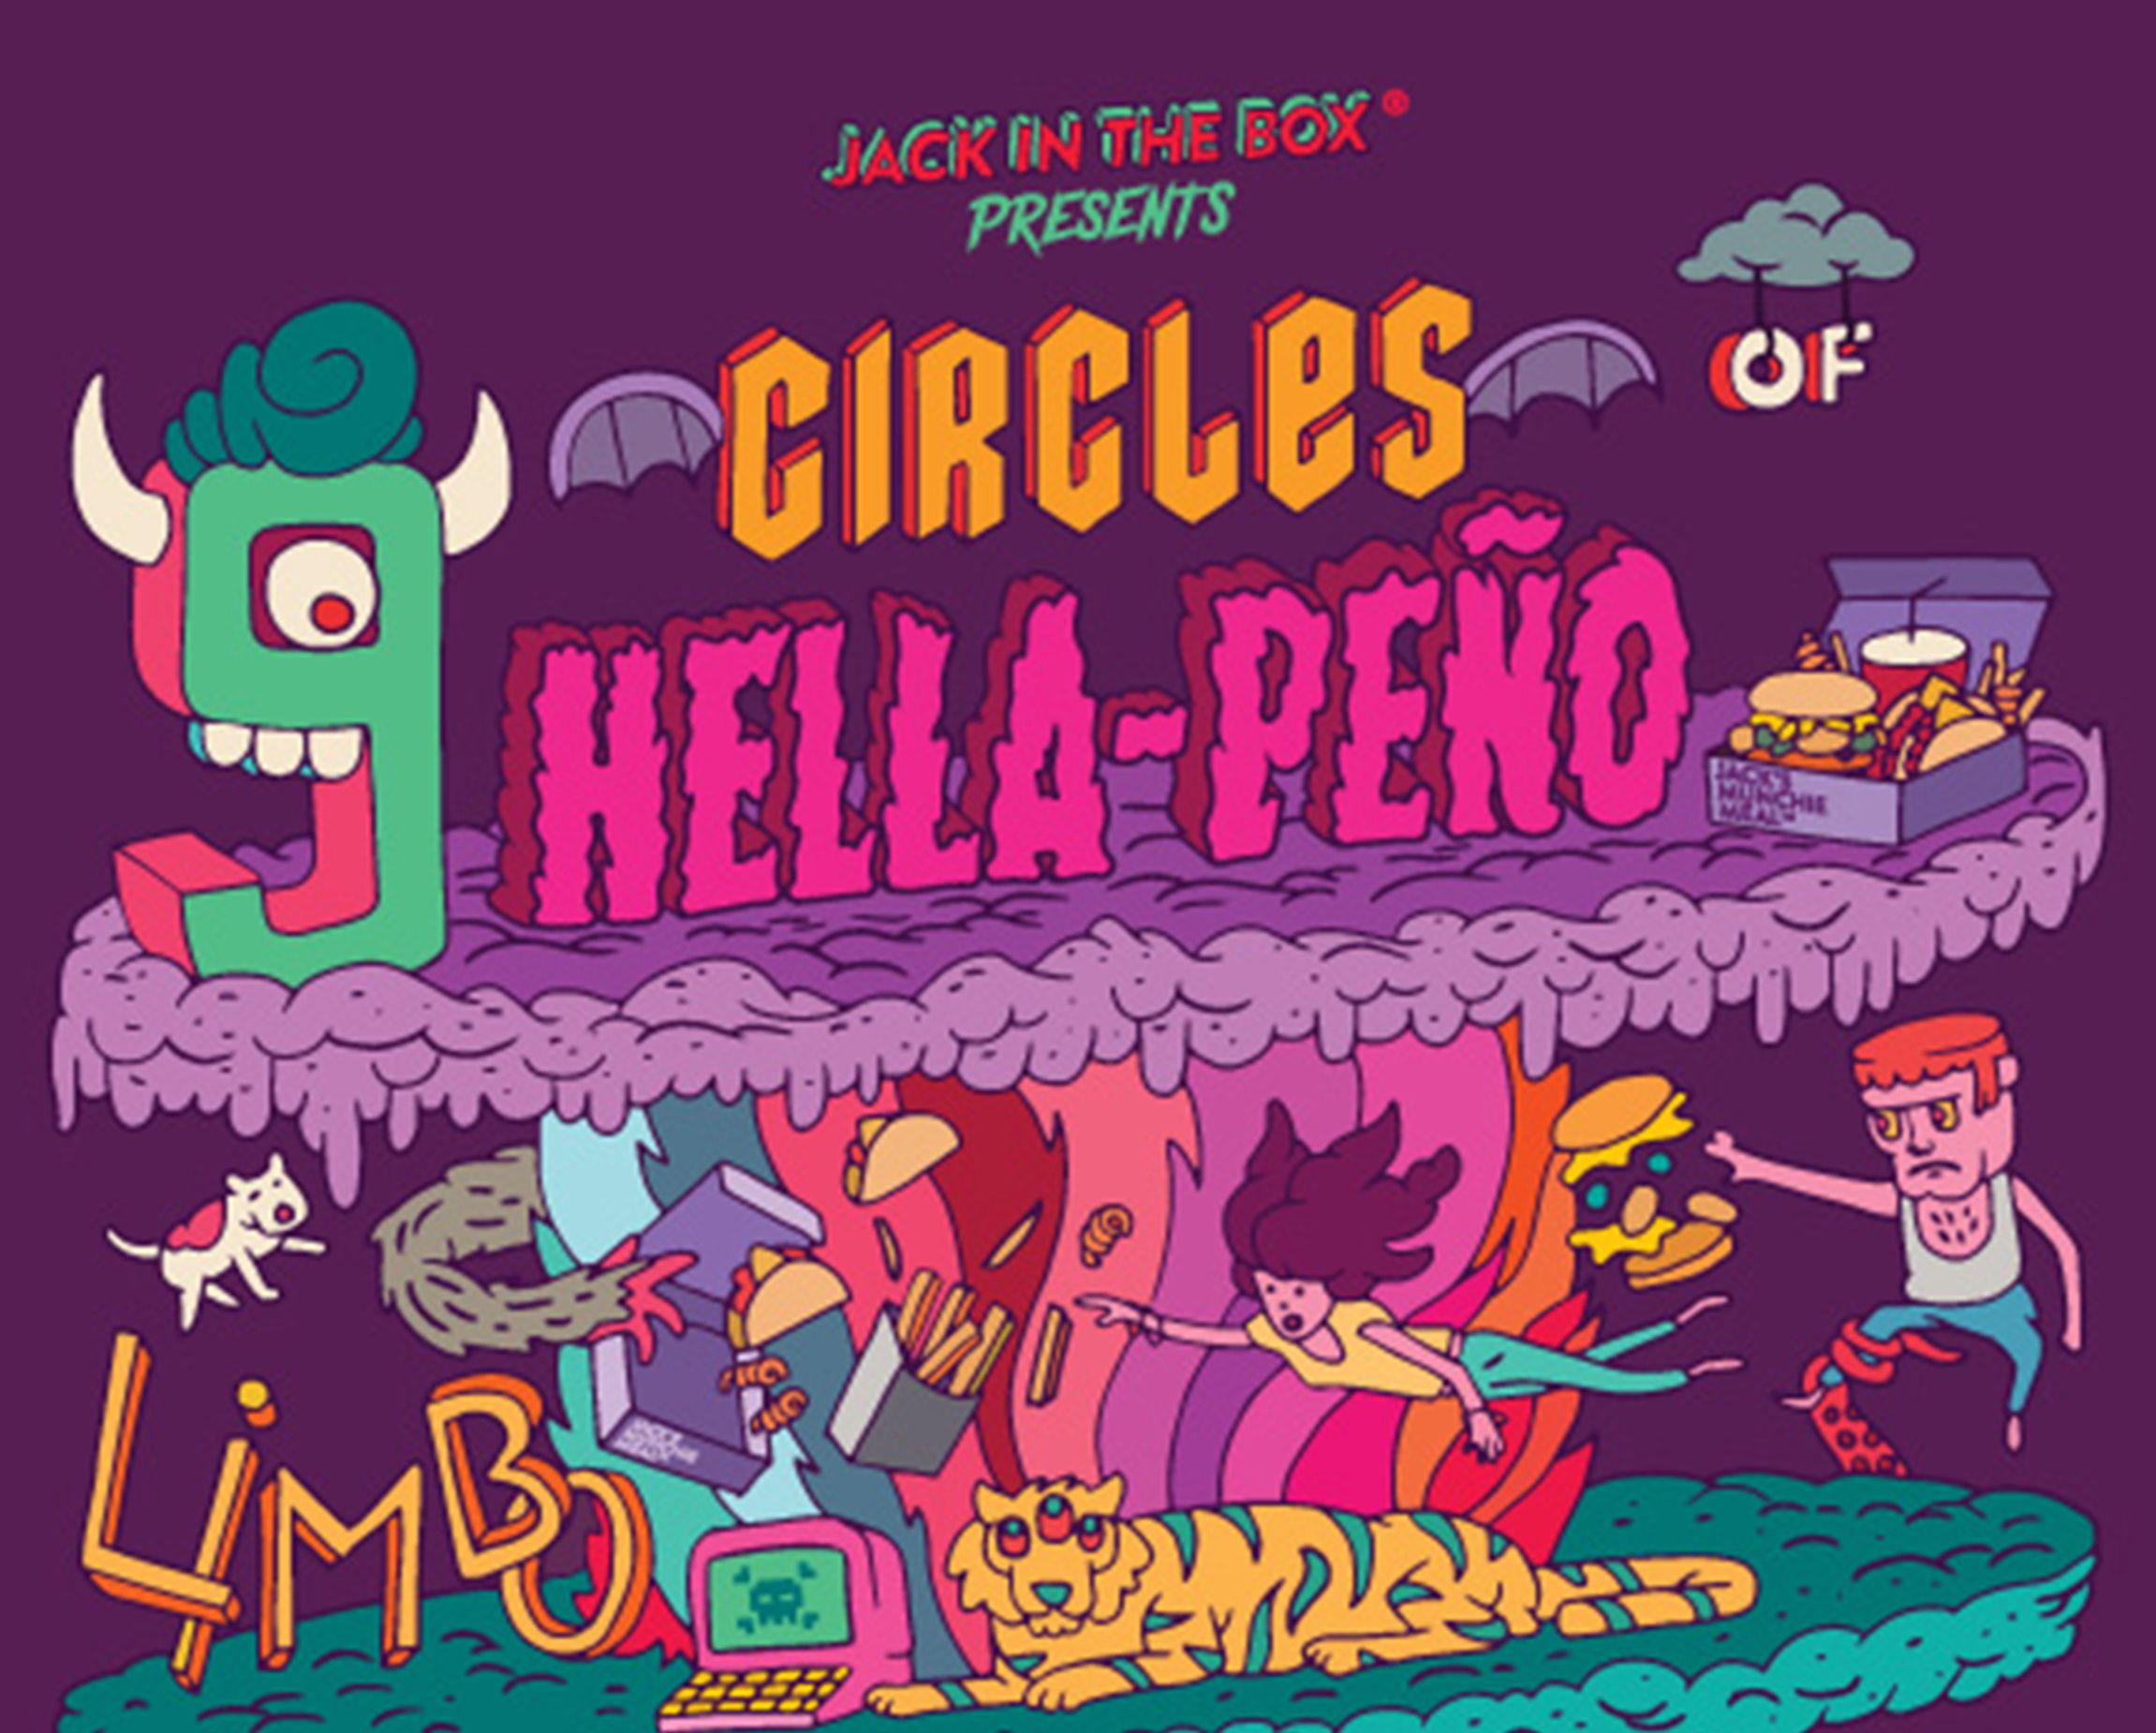 Close-up of 9 Circles of Hella-Peno Illustration